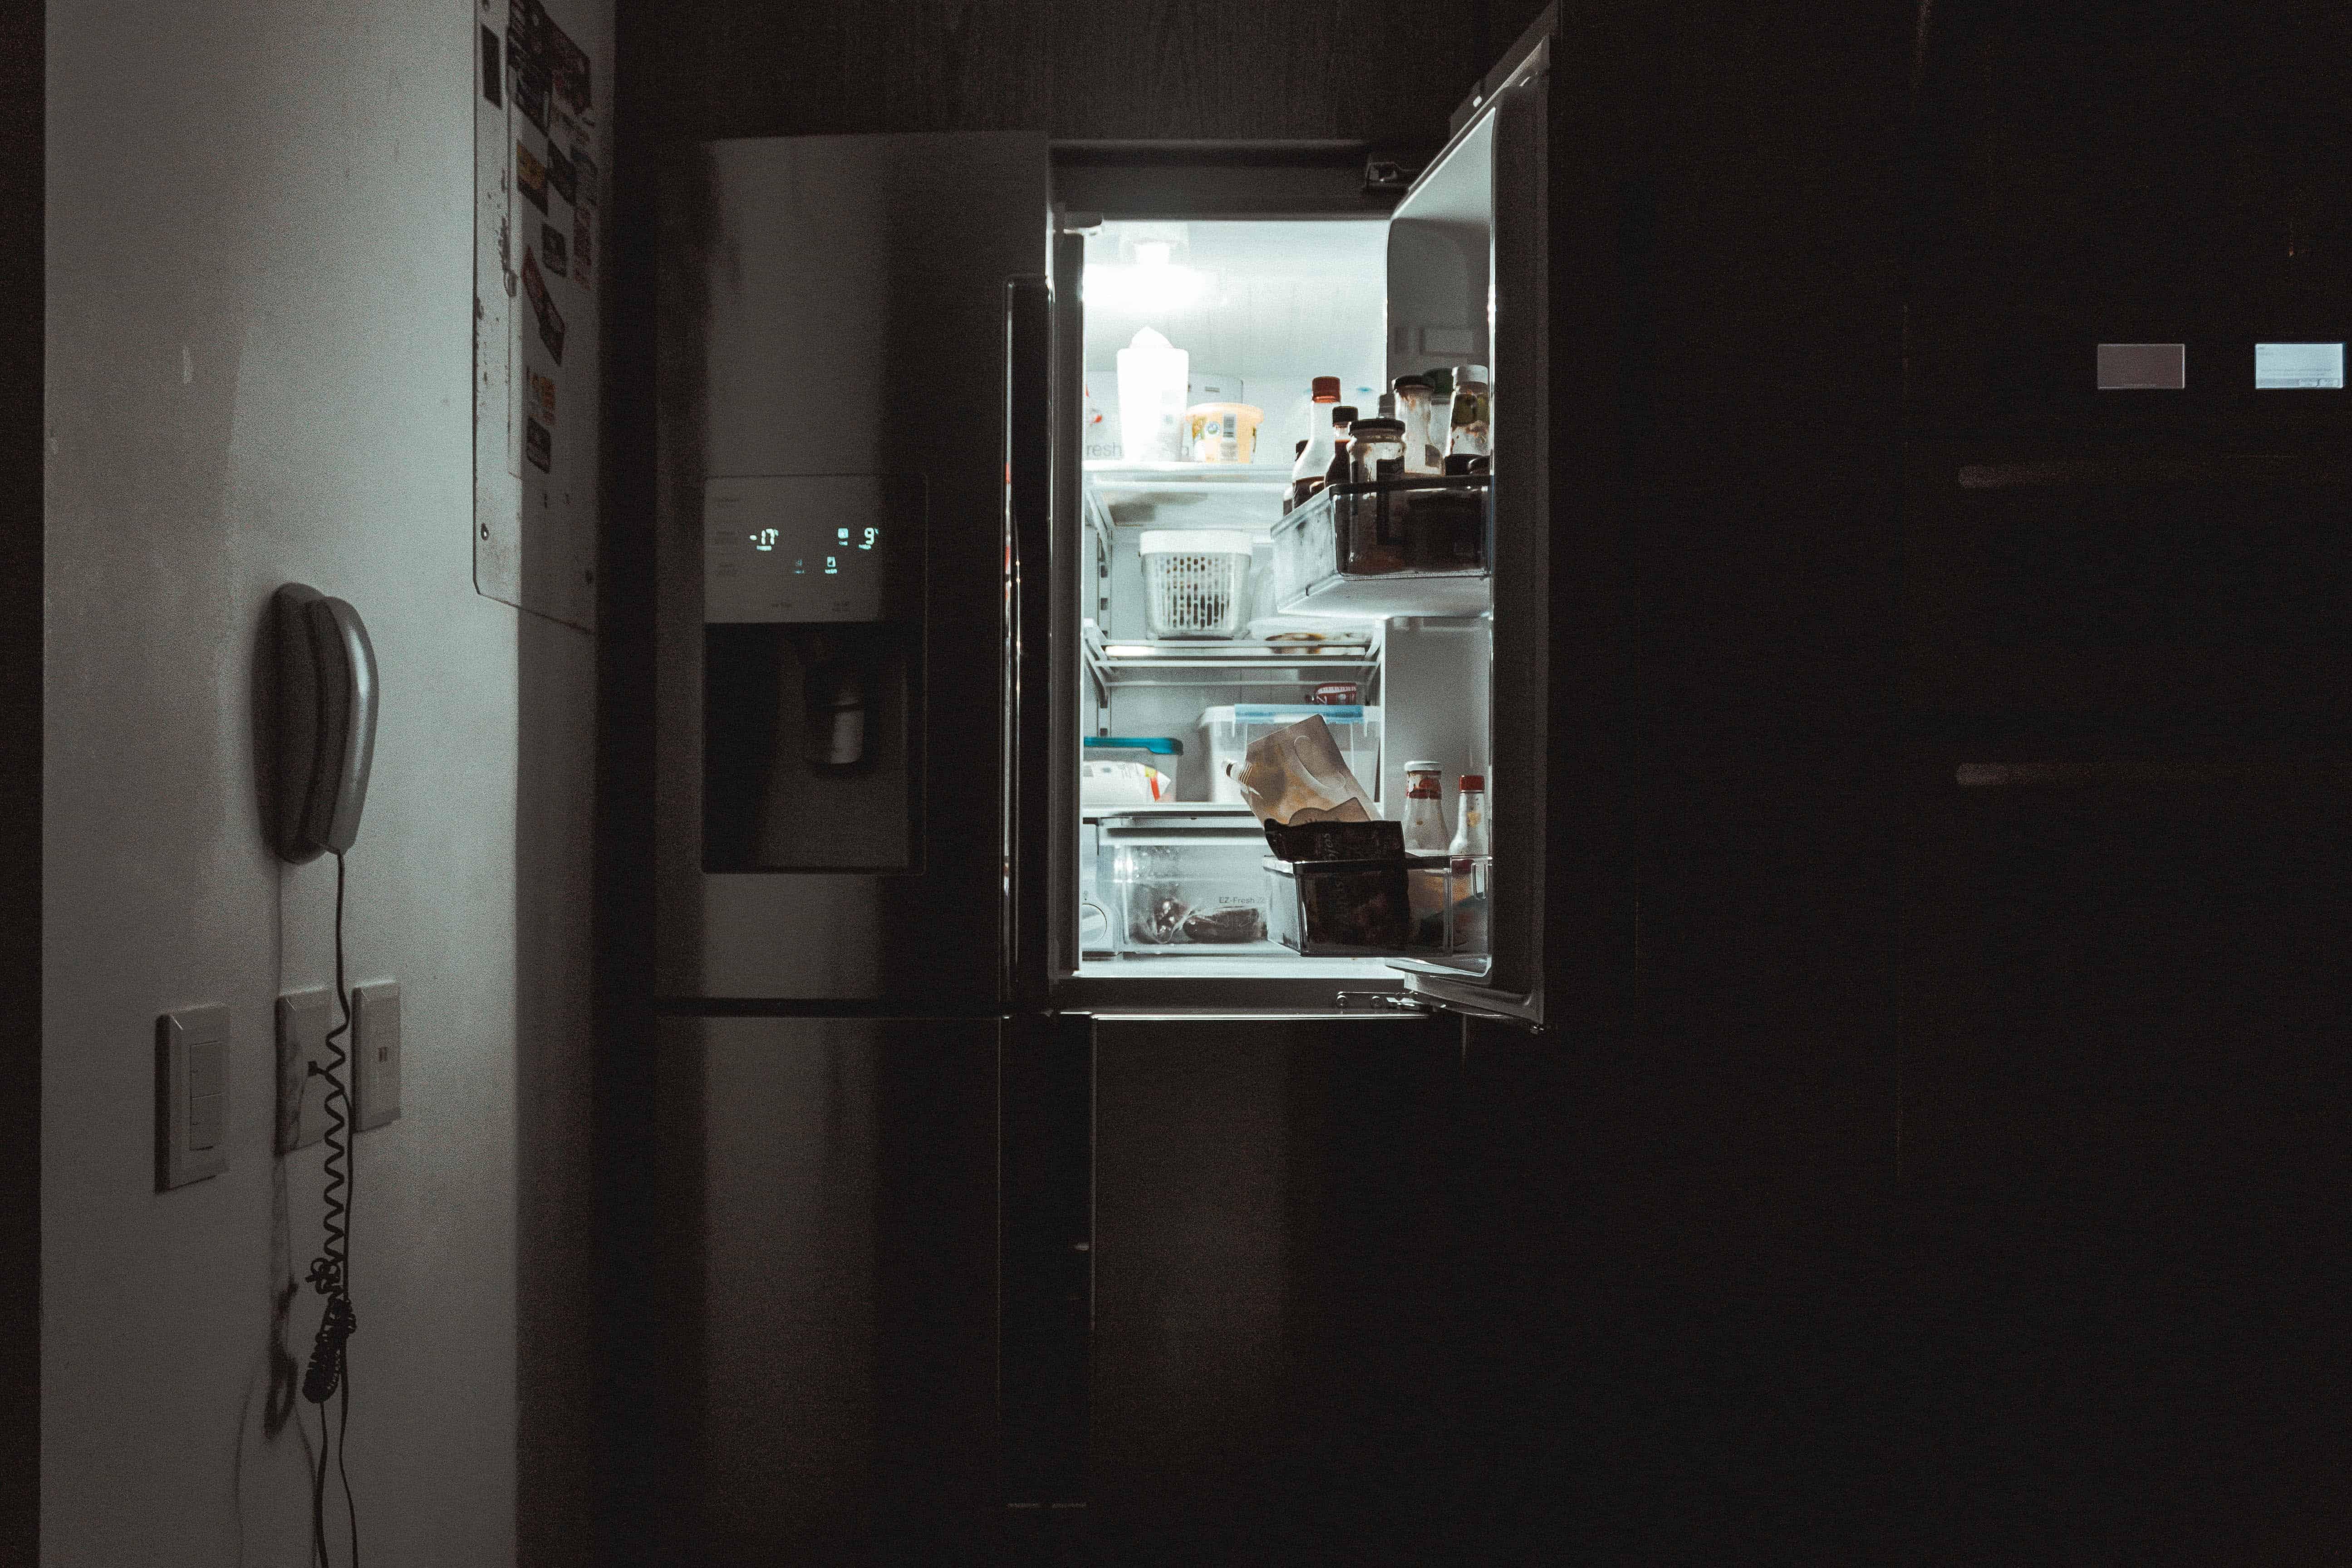 Kühl-Gefrierkombination Test 2020: Die besten Produkte im Vergleich